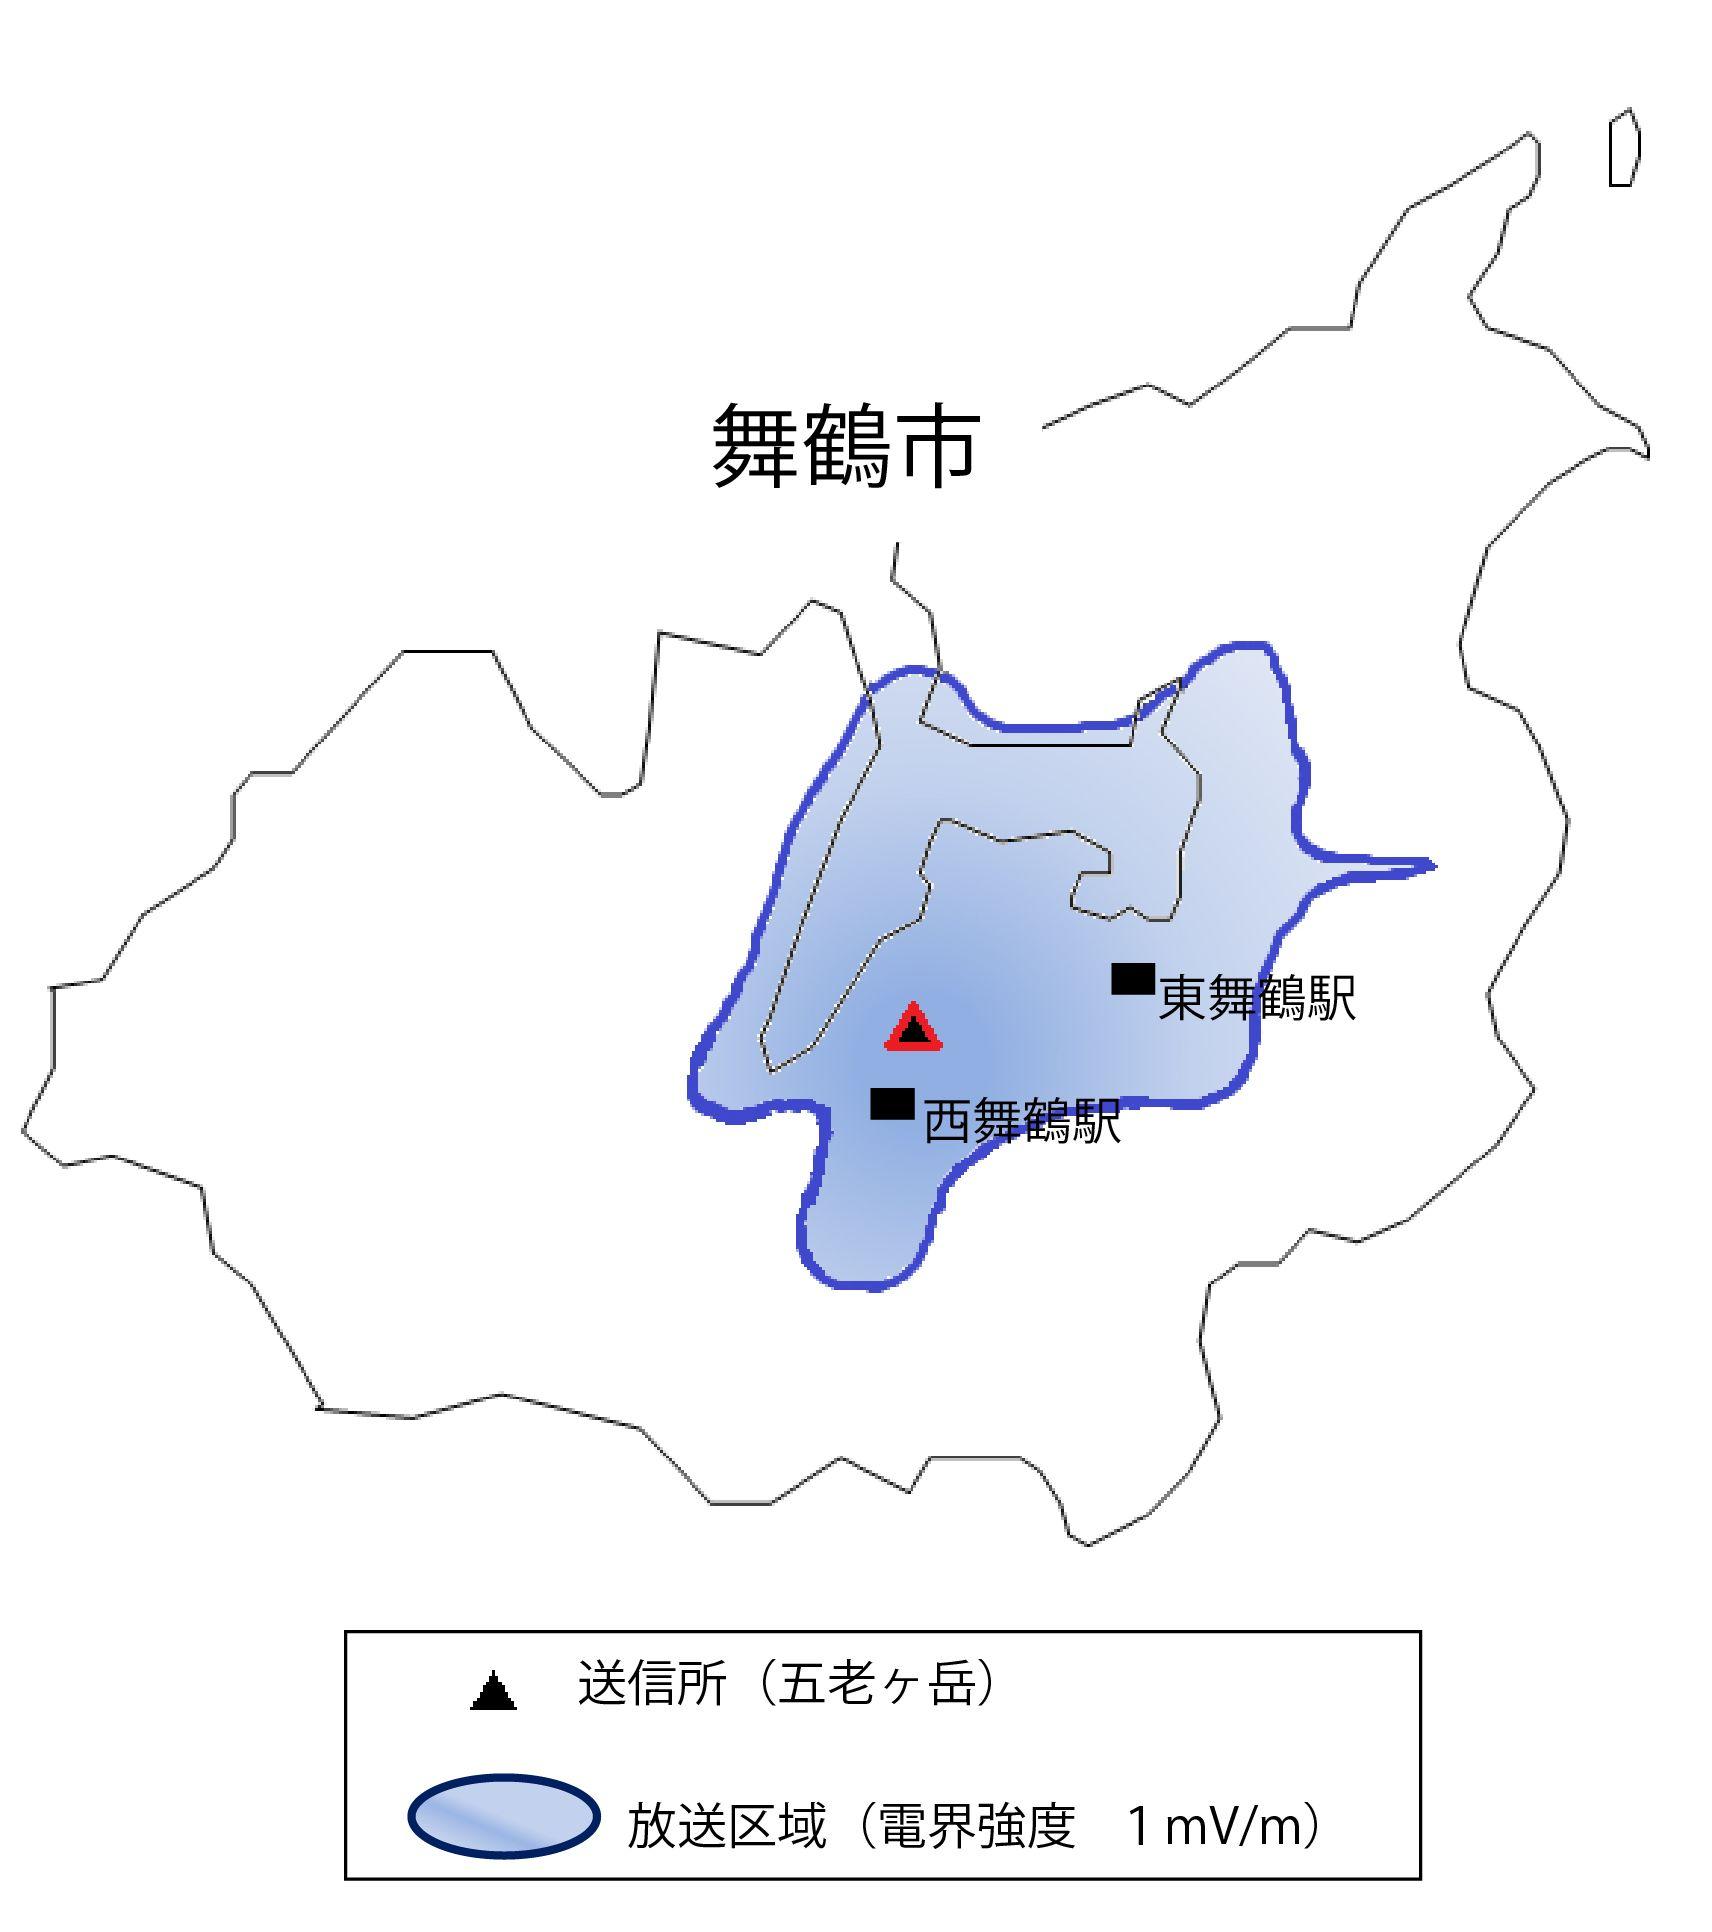 【放送局情報】放送エリアマップ(総務省HPから)